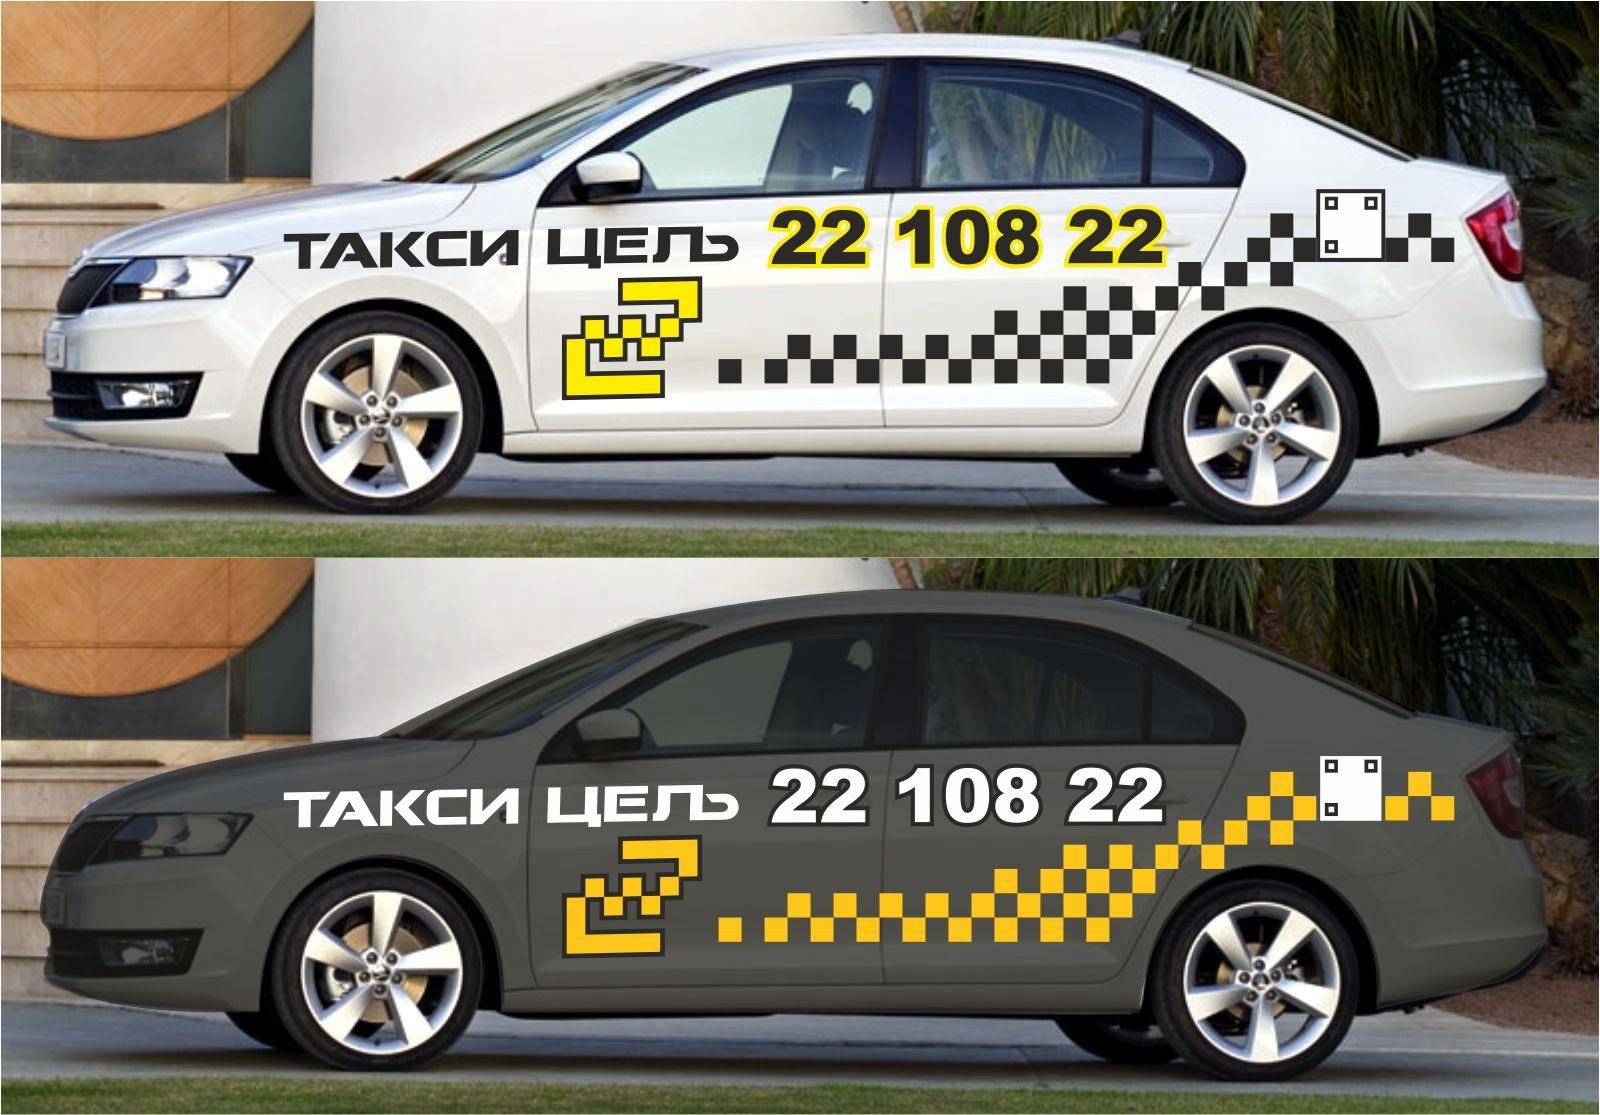 Рекламное оформление автомобиля такси - дизайнер graphin4ik